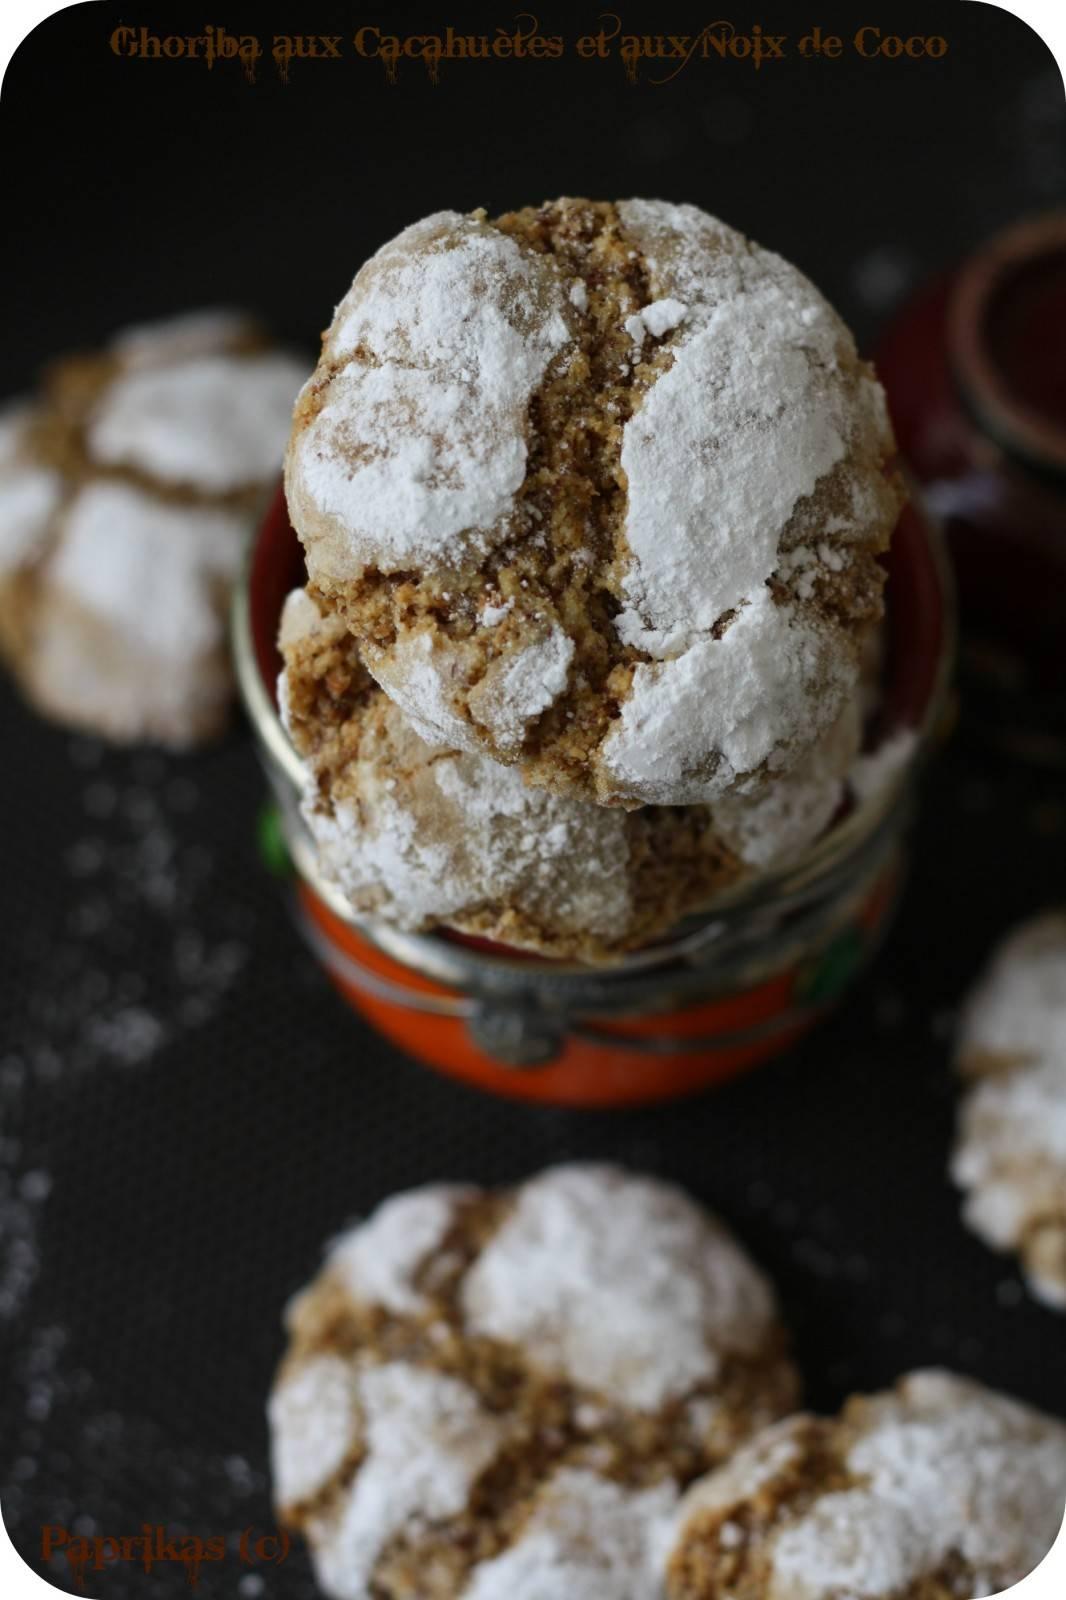 Ghoriba aux Cacahuètes et à la Noix de Coco - Paprikas